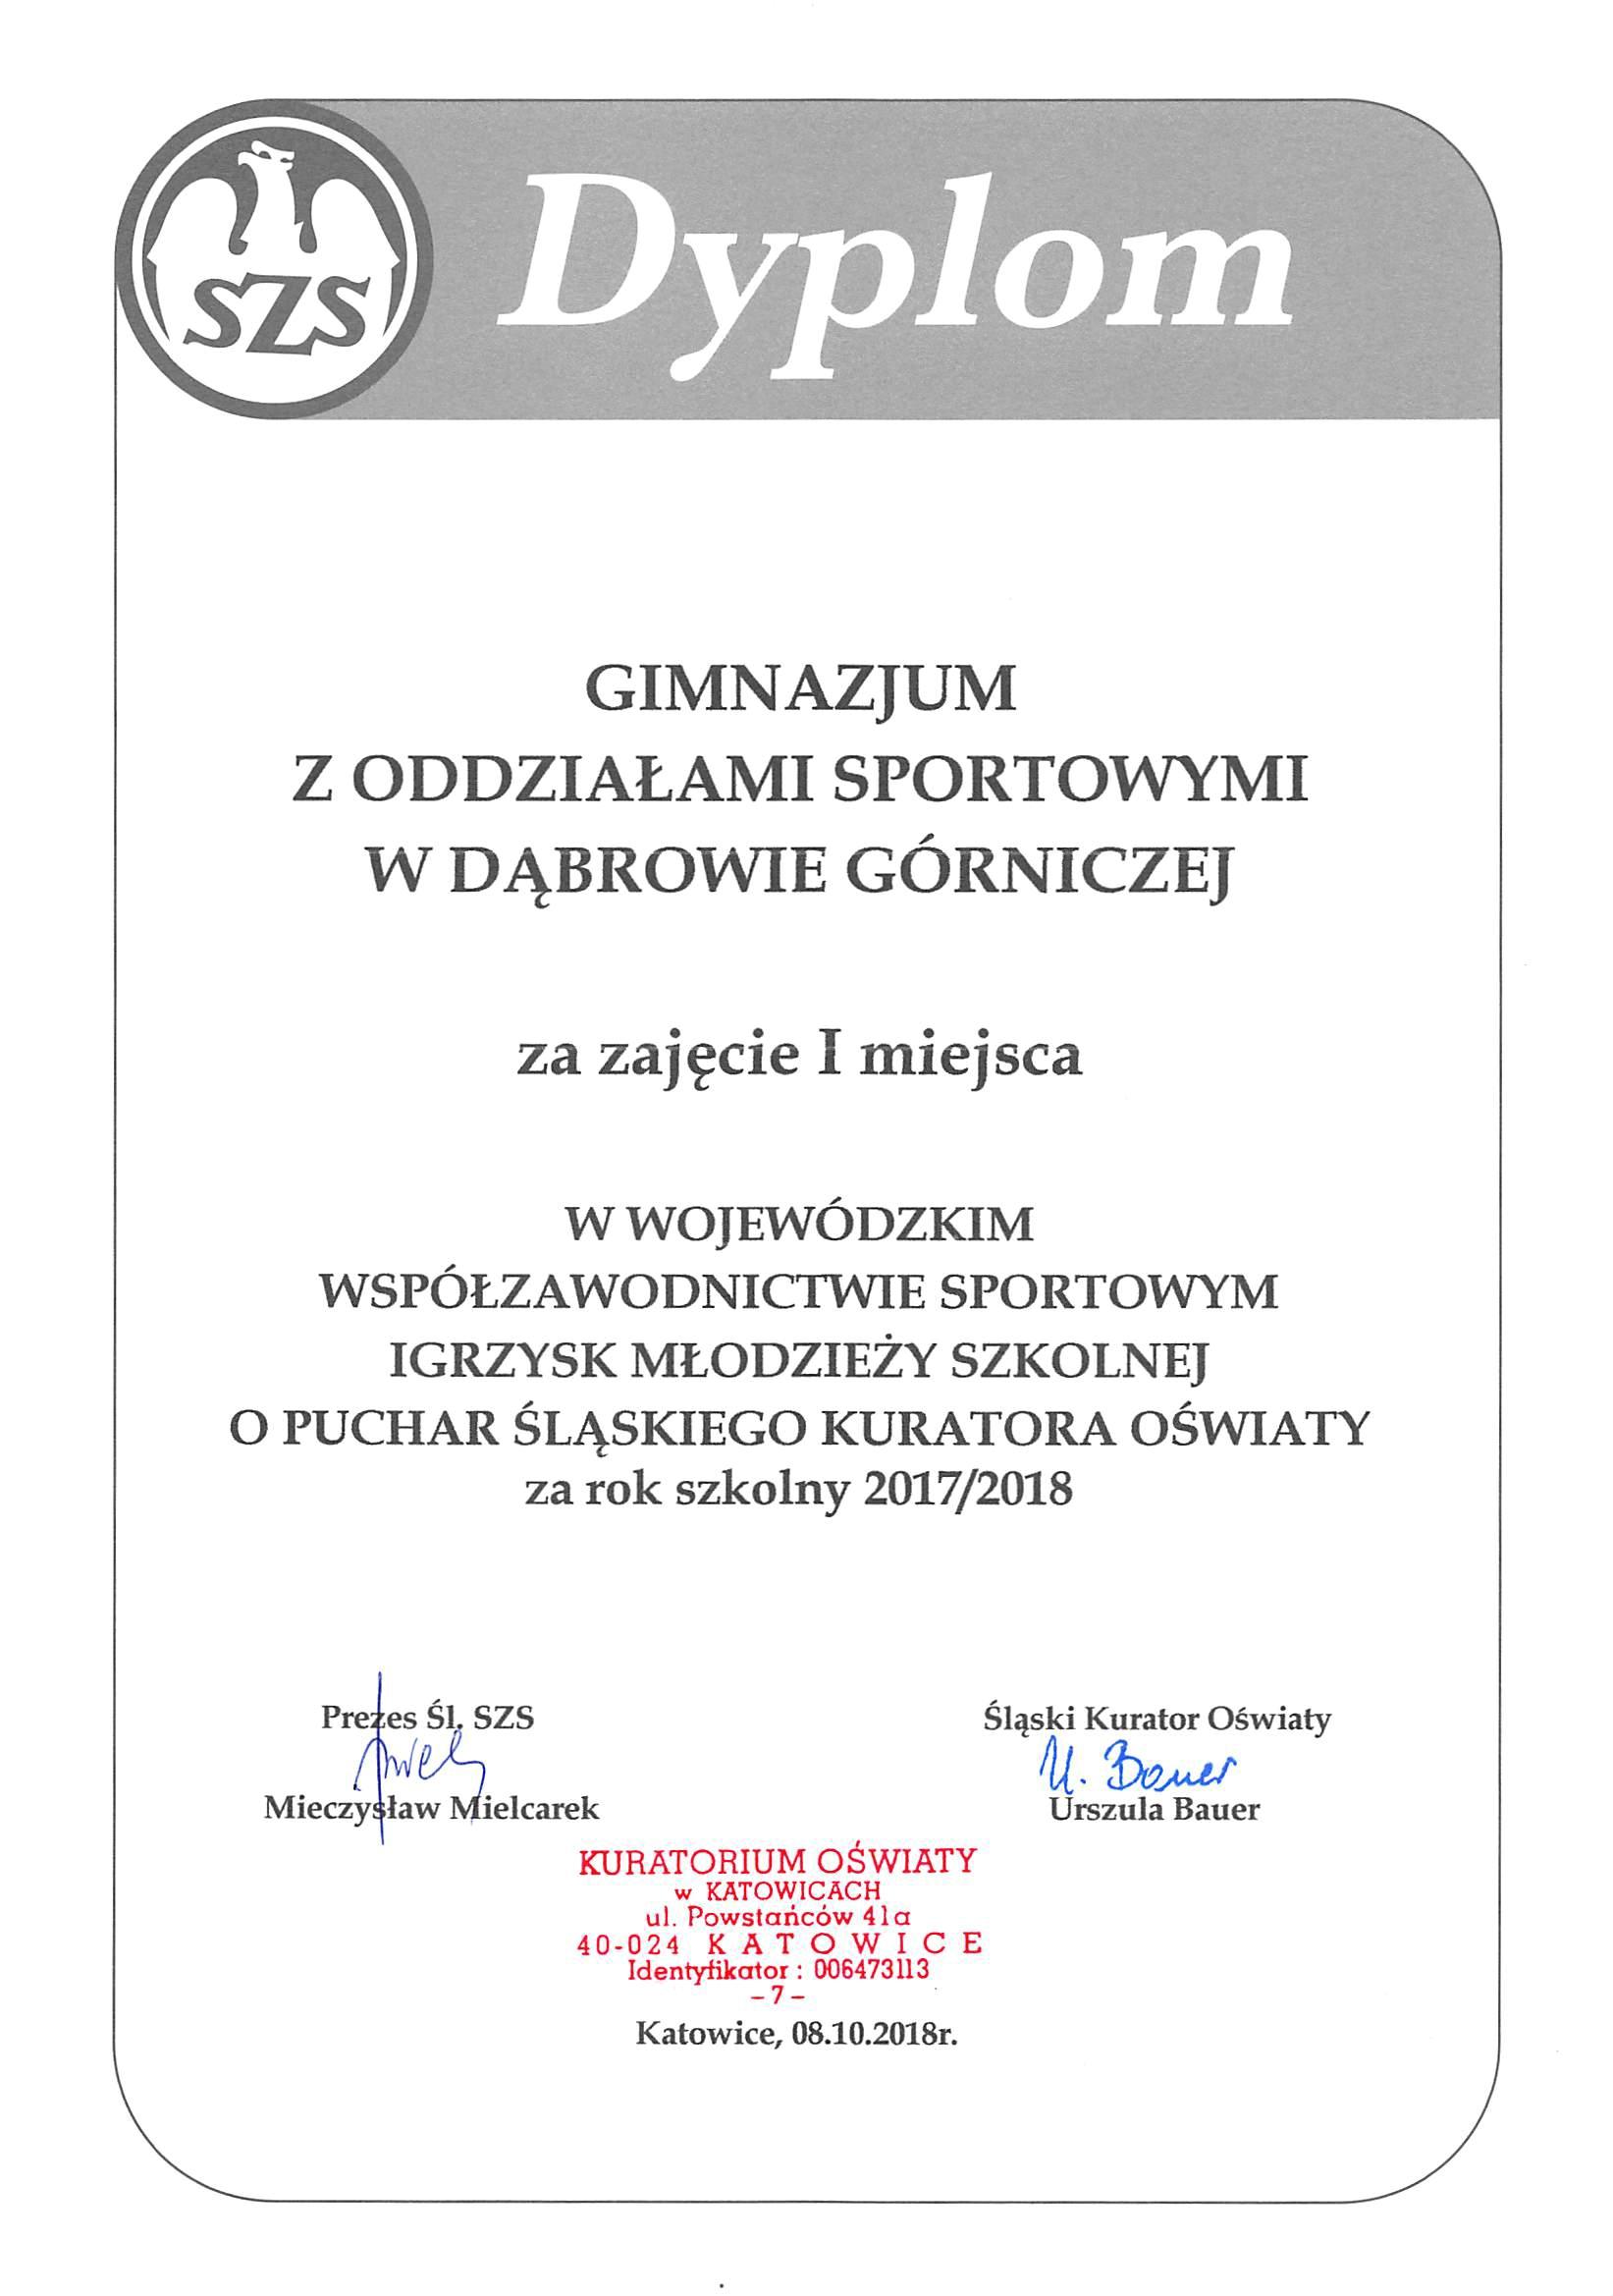 cf97eecf7f Zespół Szkół Sportowych w Dąbrowie Górniczej - Zespół Szkół ...